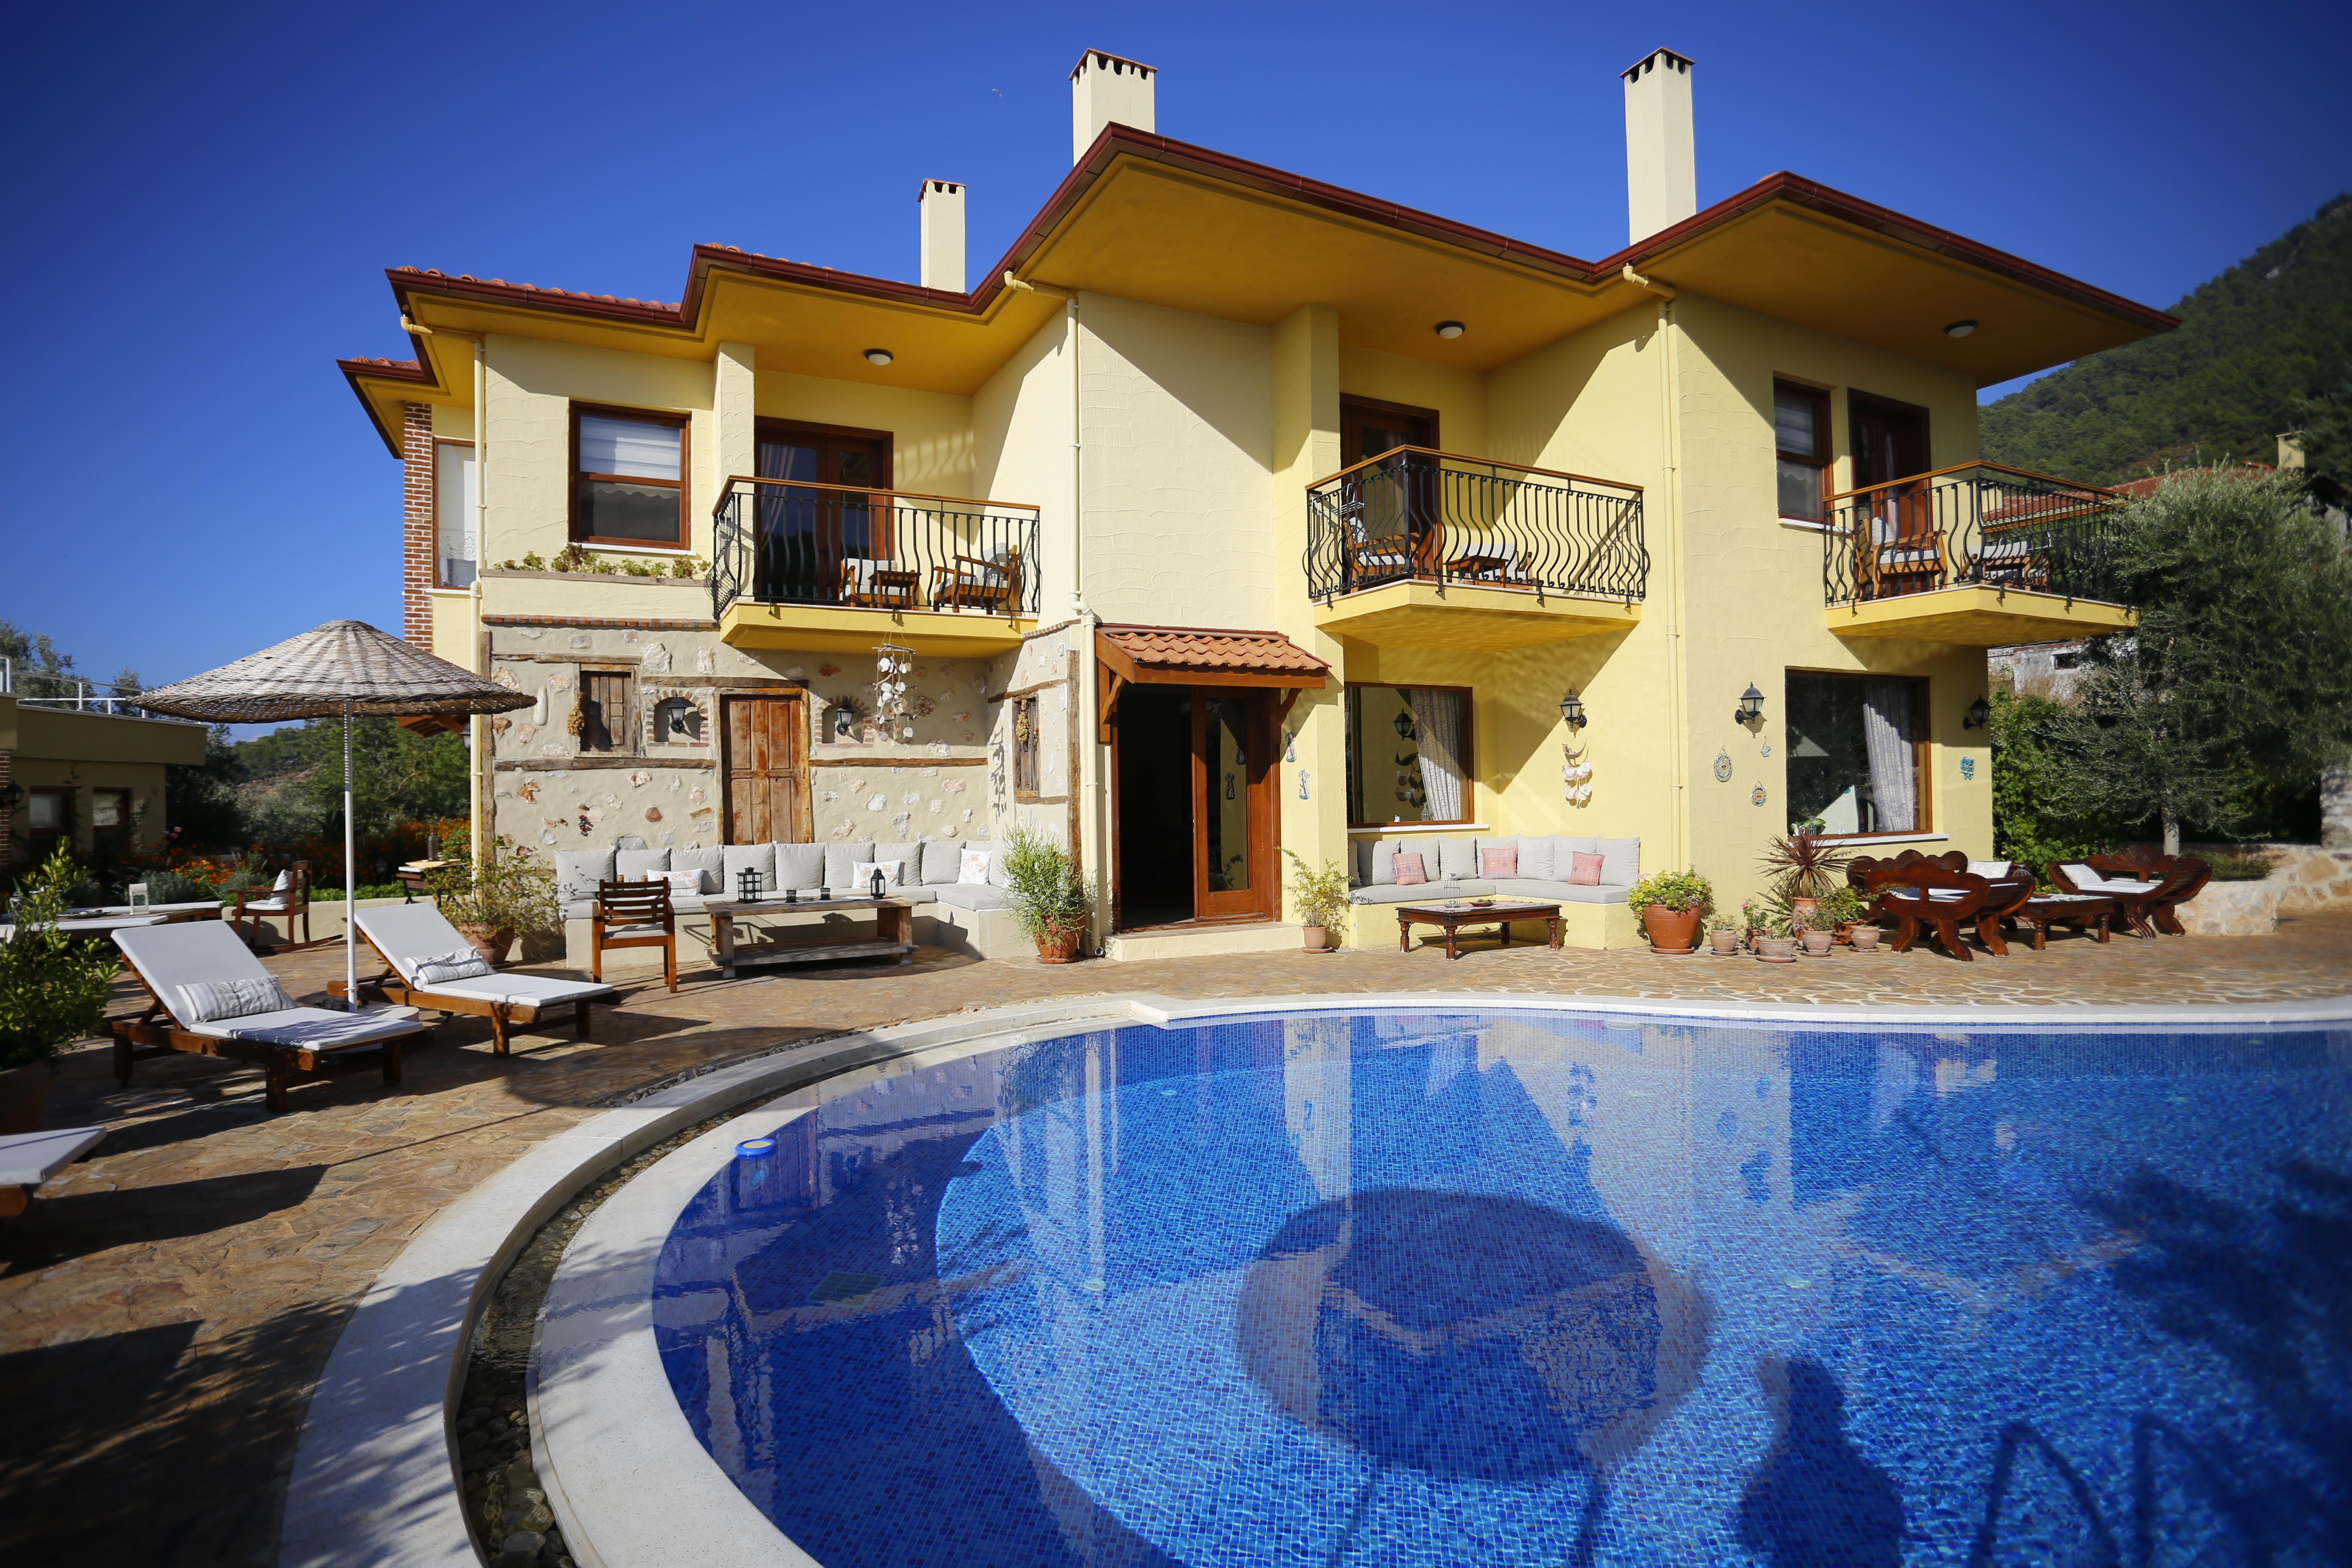 Appartement de vacances Luxuriöse Unterkunft und persönliches Ambiente in unzerstörter Natur. (2124814), Fethiye, , Région Egéenne, Turquie, image 1